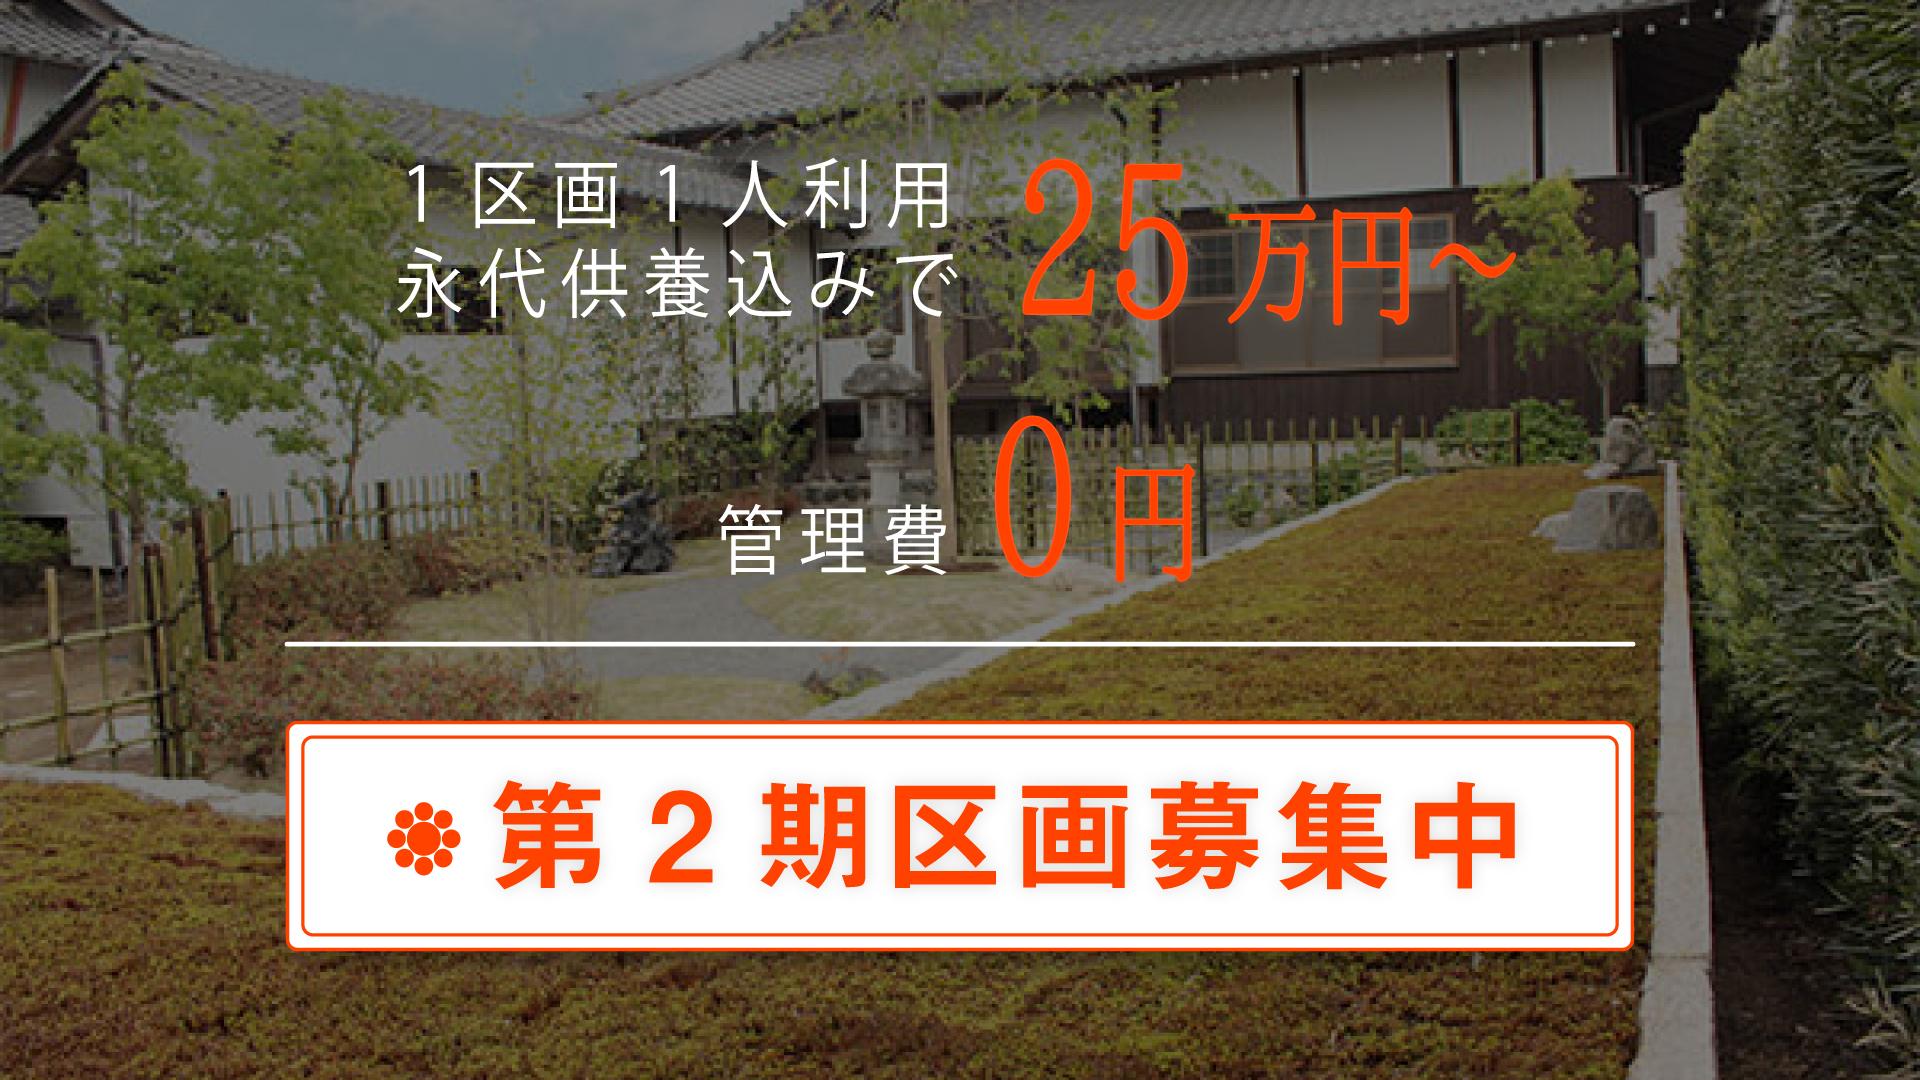 大源寺の樹木葬は1区画25万円~